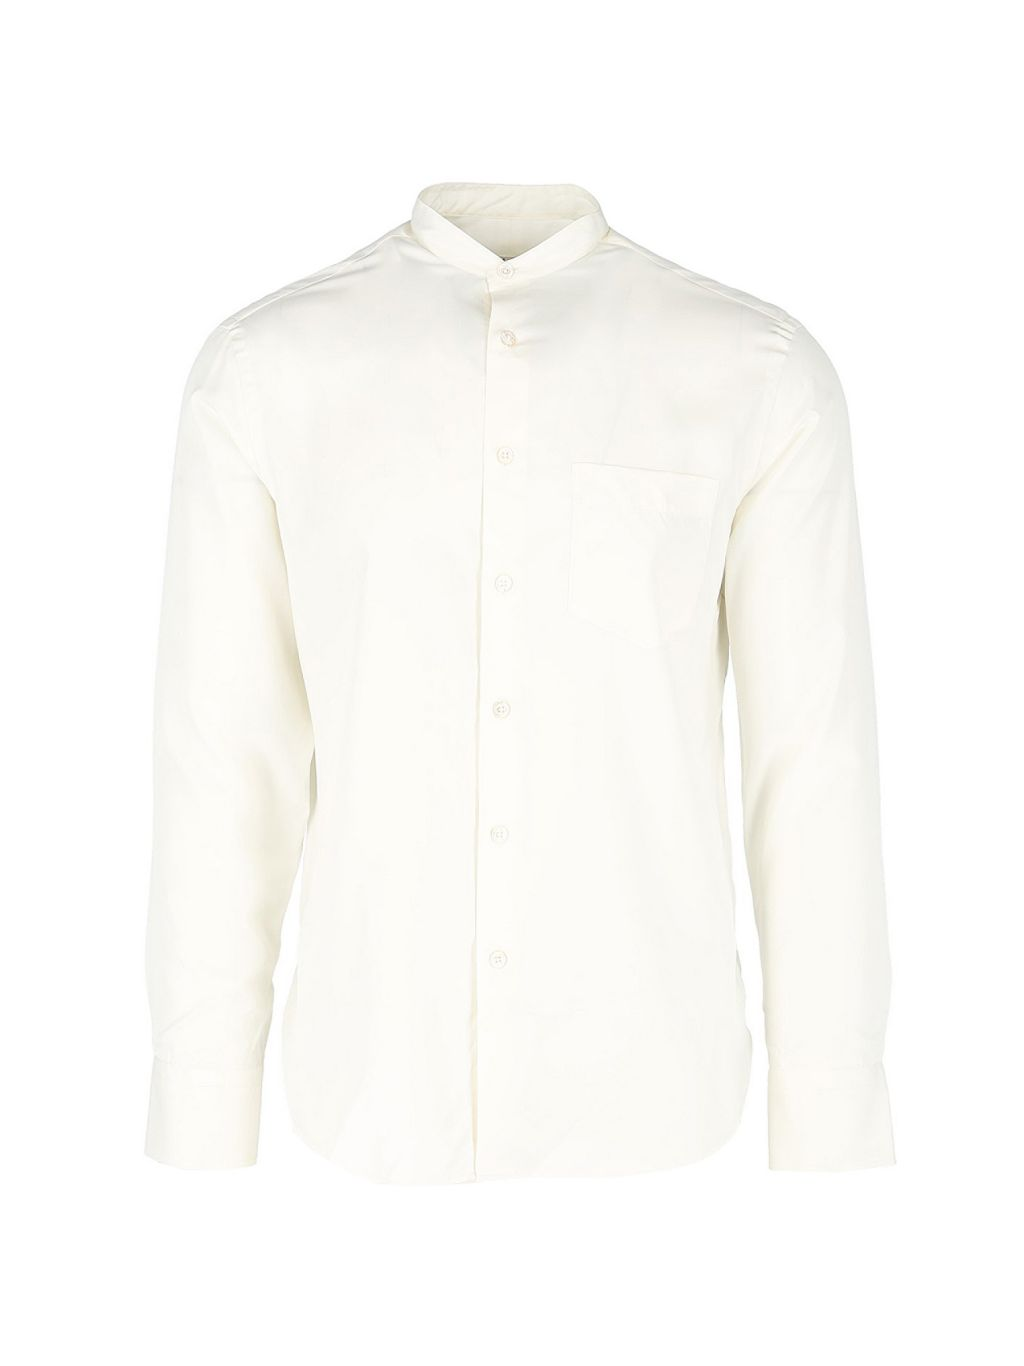 Dunhill Silk Woven Button-Up Shirt